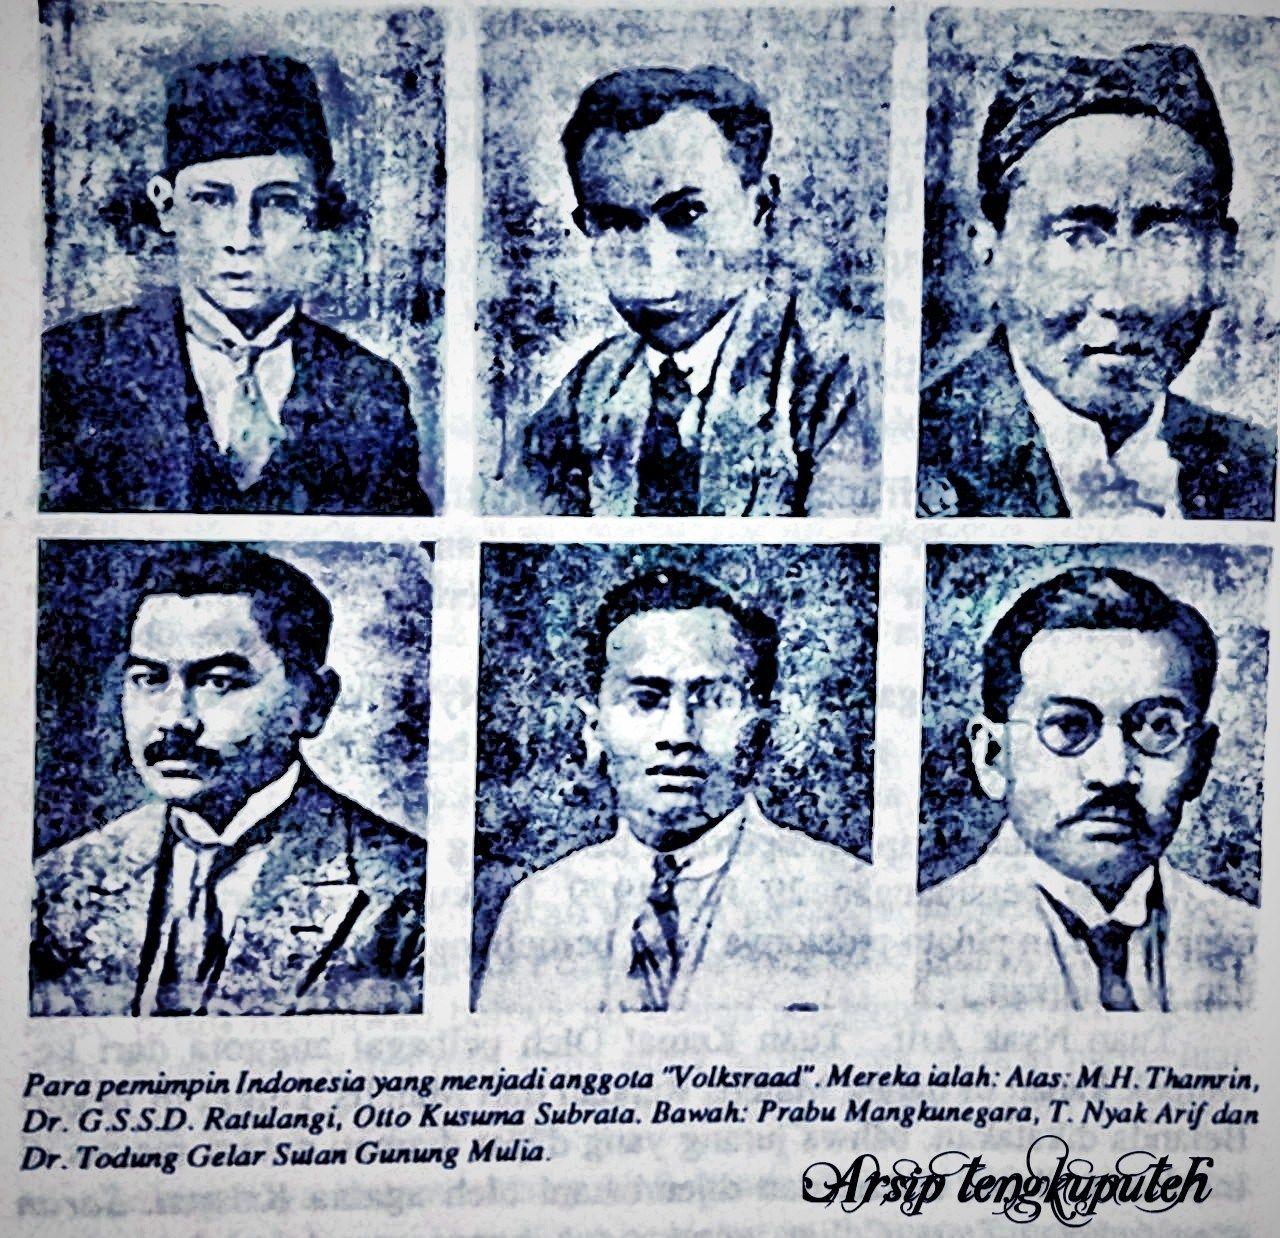 Gambar Pahlawan Dari Aceh Adalah